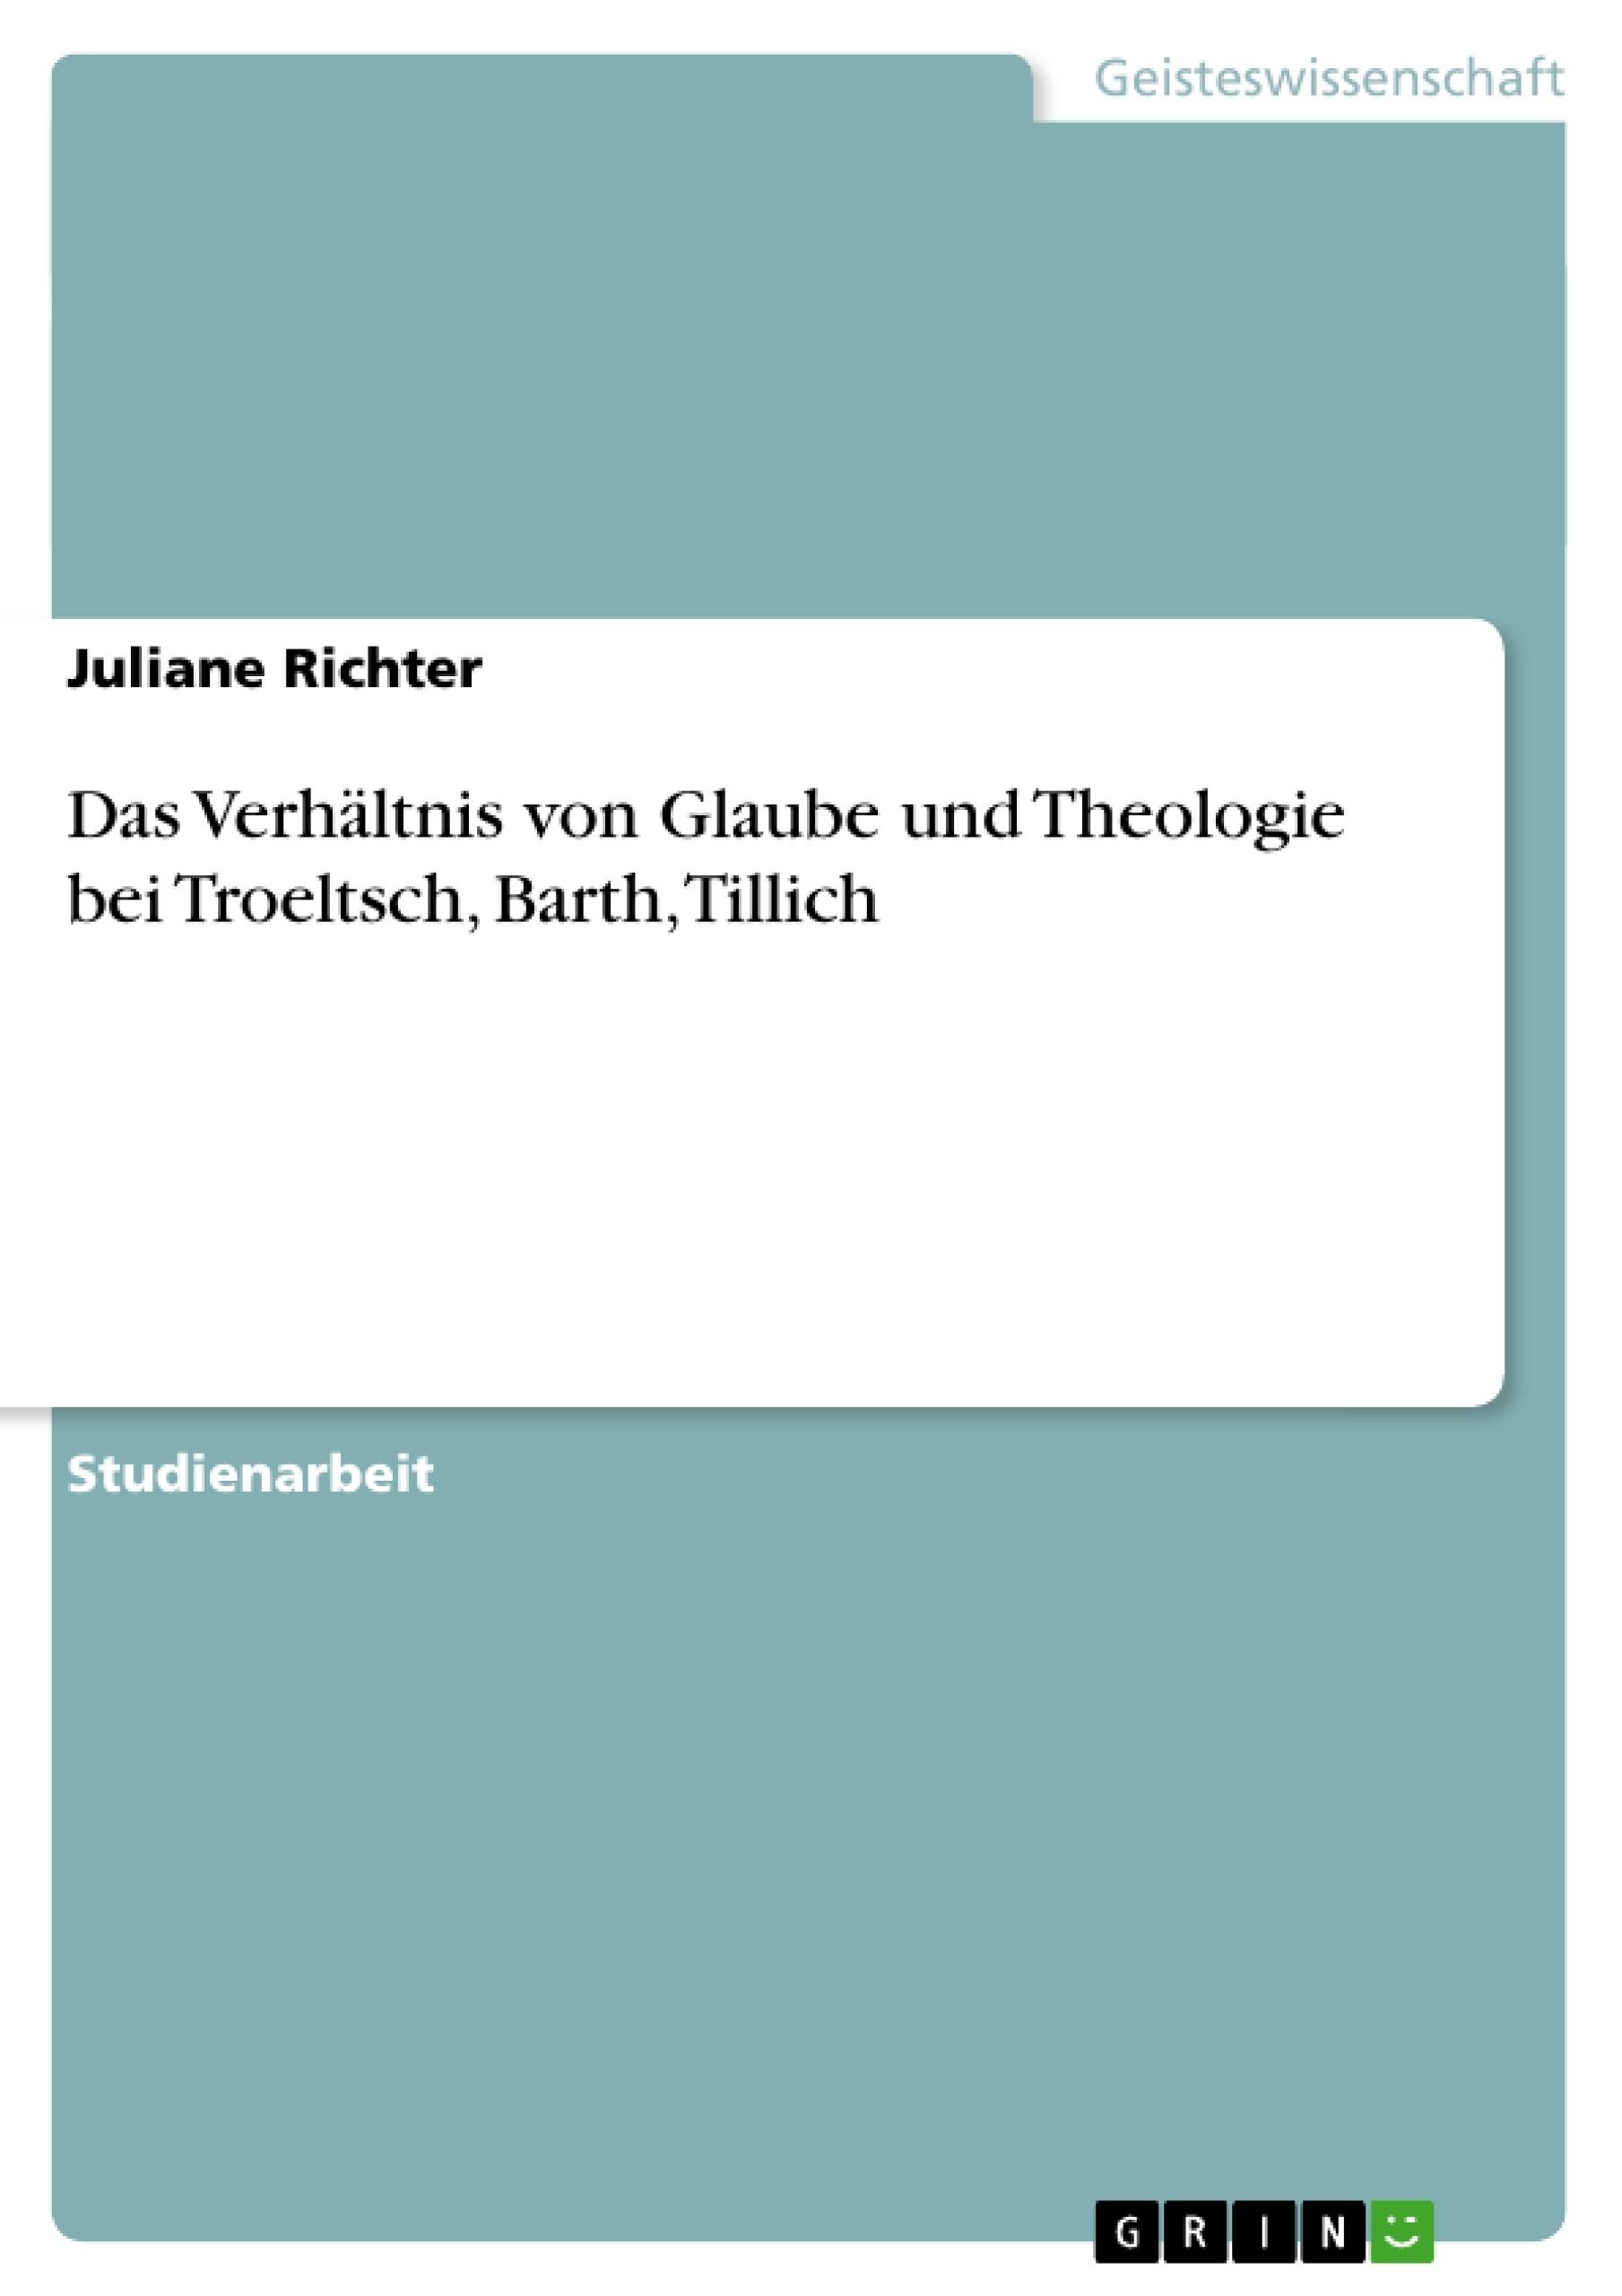 Titel: Das Verhältnis von Glaube und Theologie bei Troeltsch, Barth, Tillich